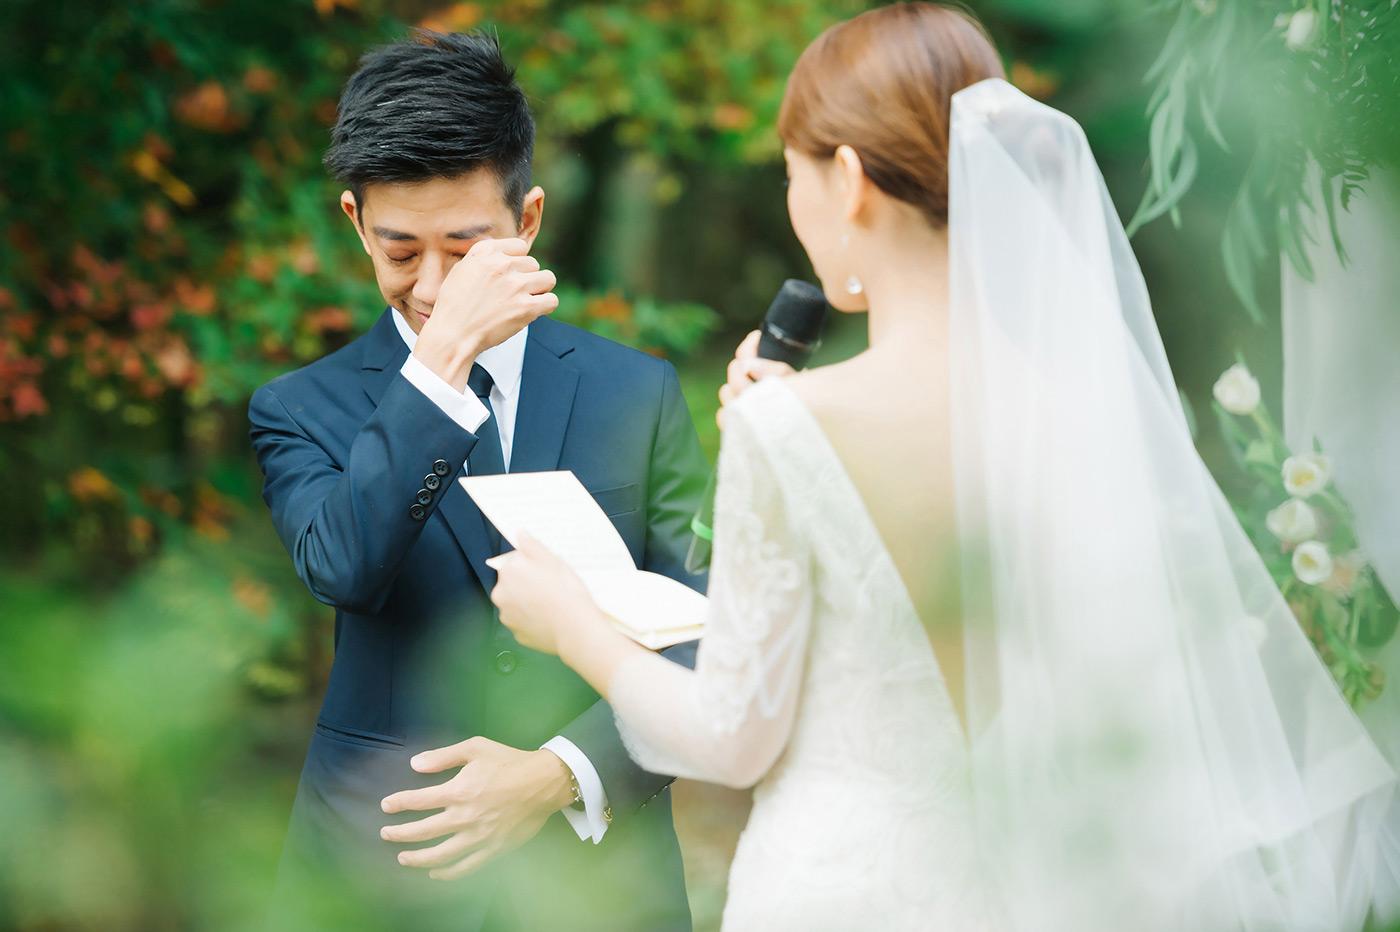 春餘園子婚禮-STAGE-美式婚禮-戶外證婚